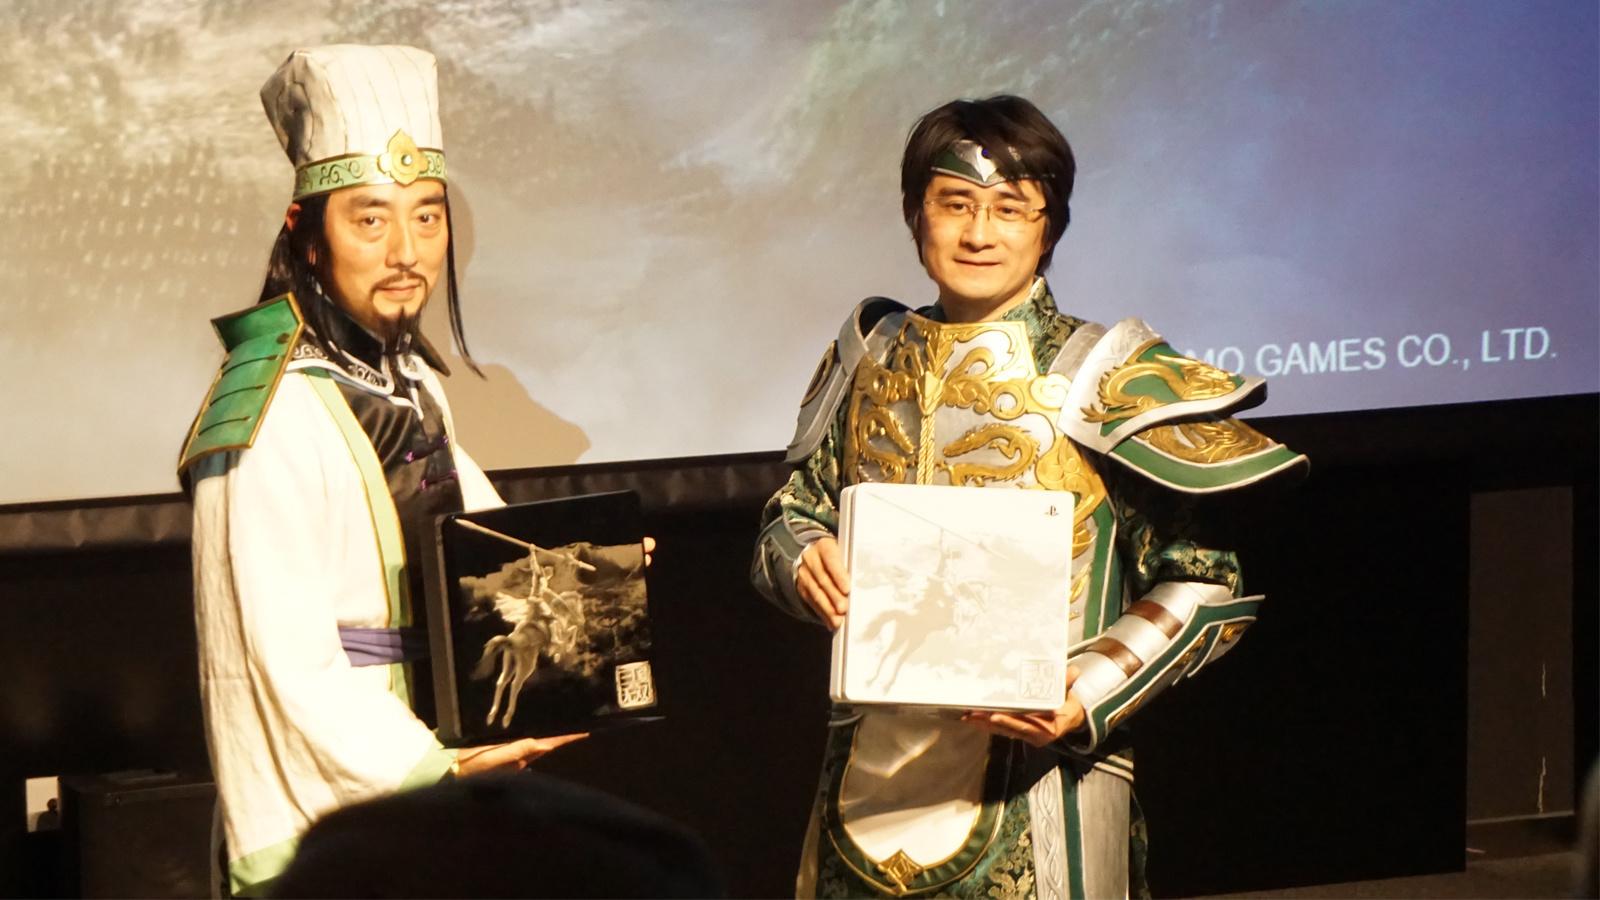 五仁叔現場COS諸葛亮,《真·三國無雙8》國行簡體中文版確定2月8日同步發售